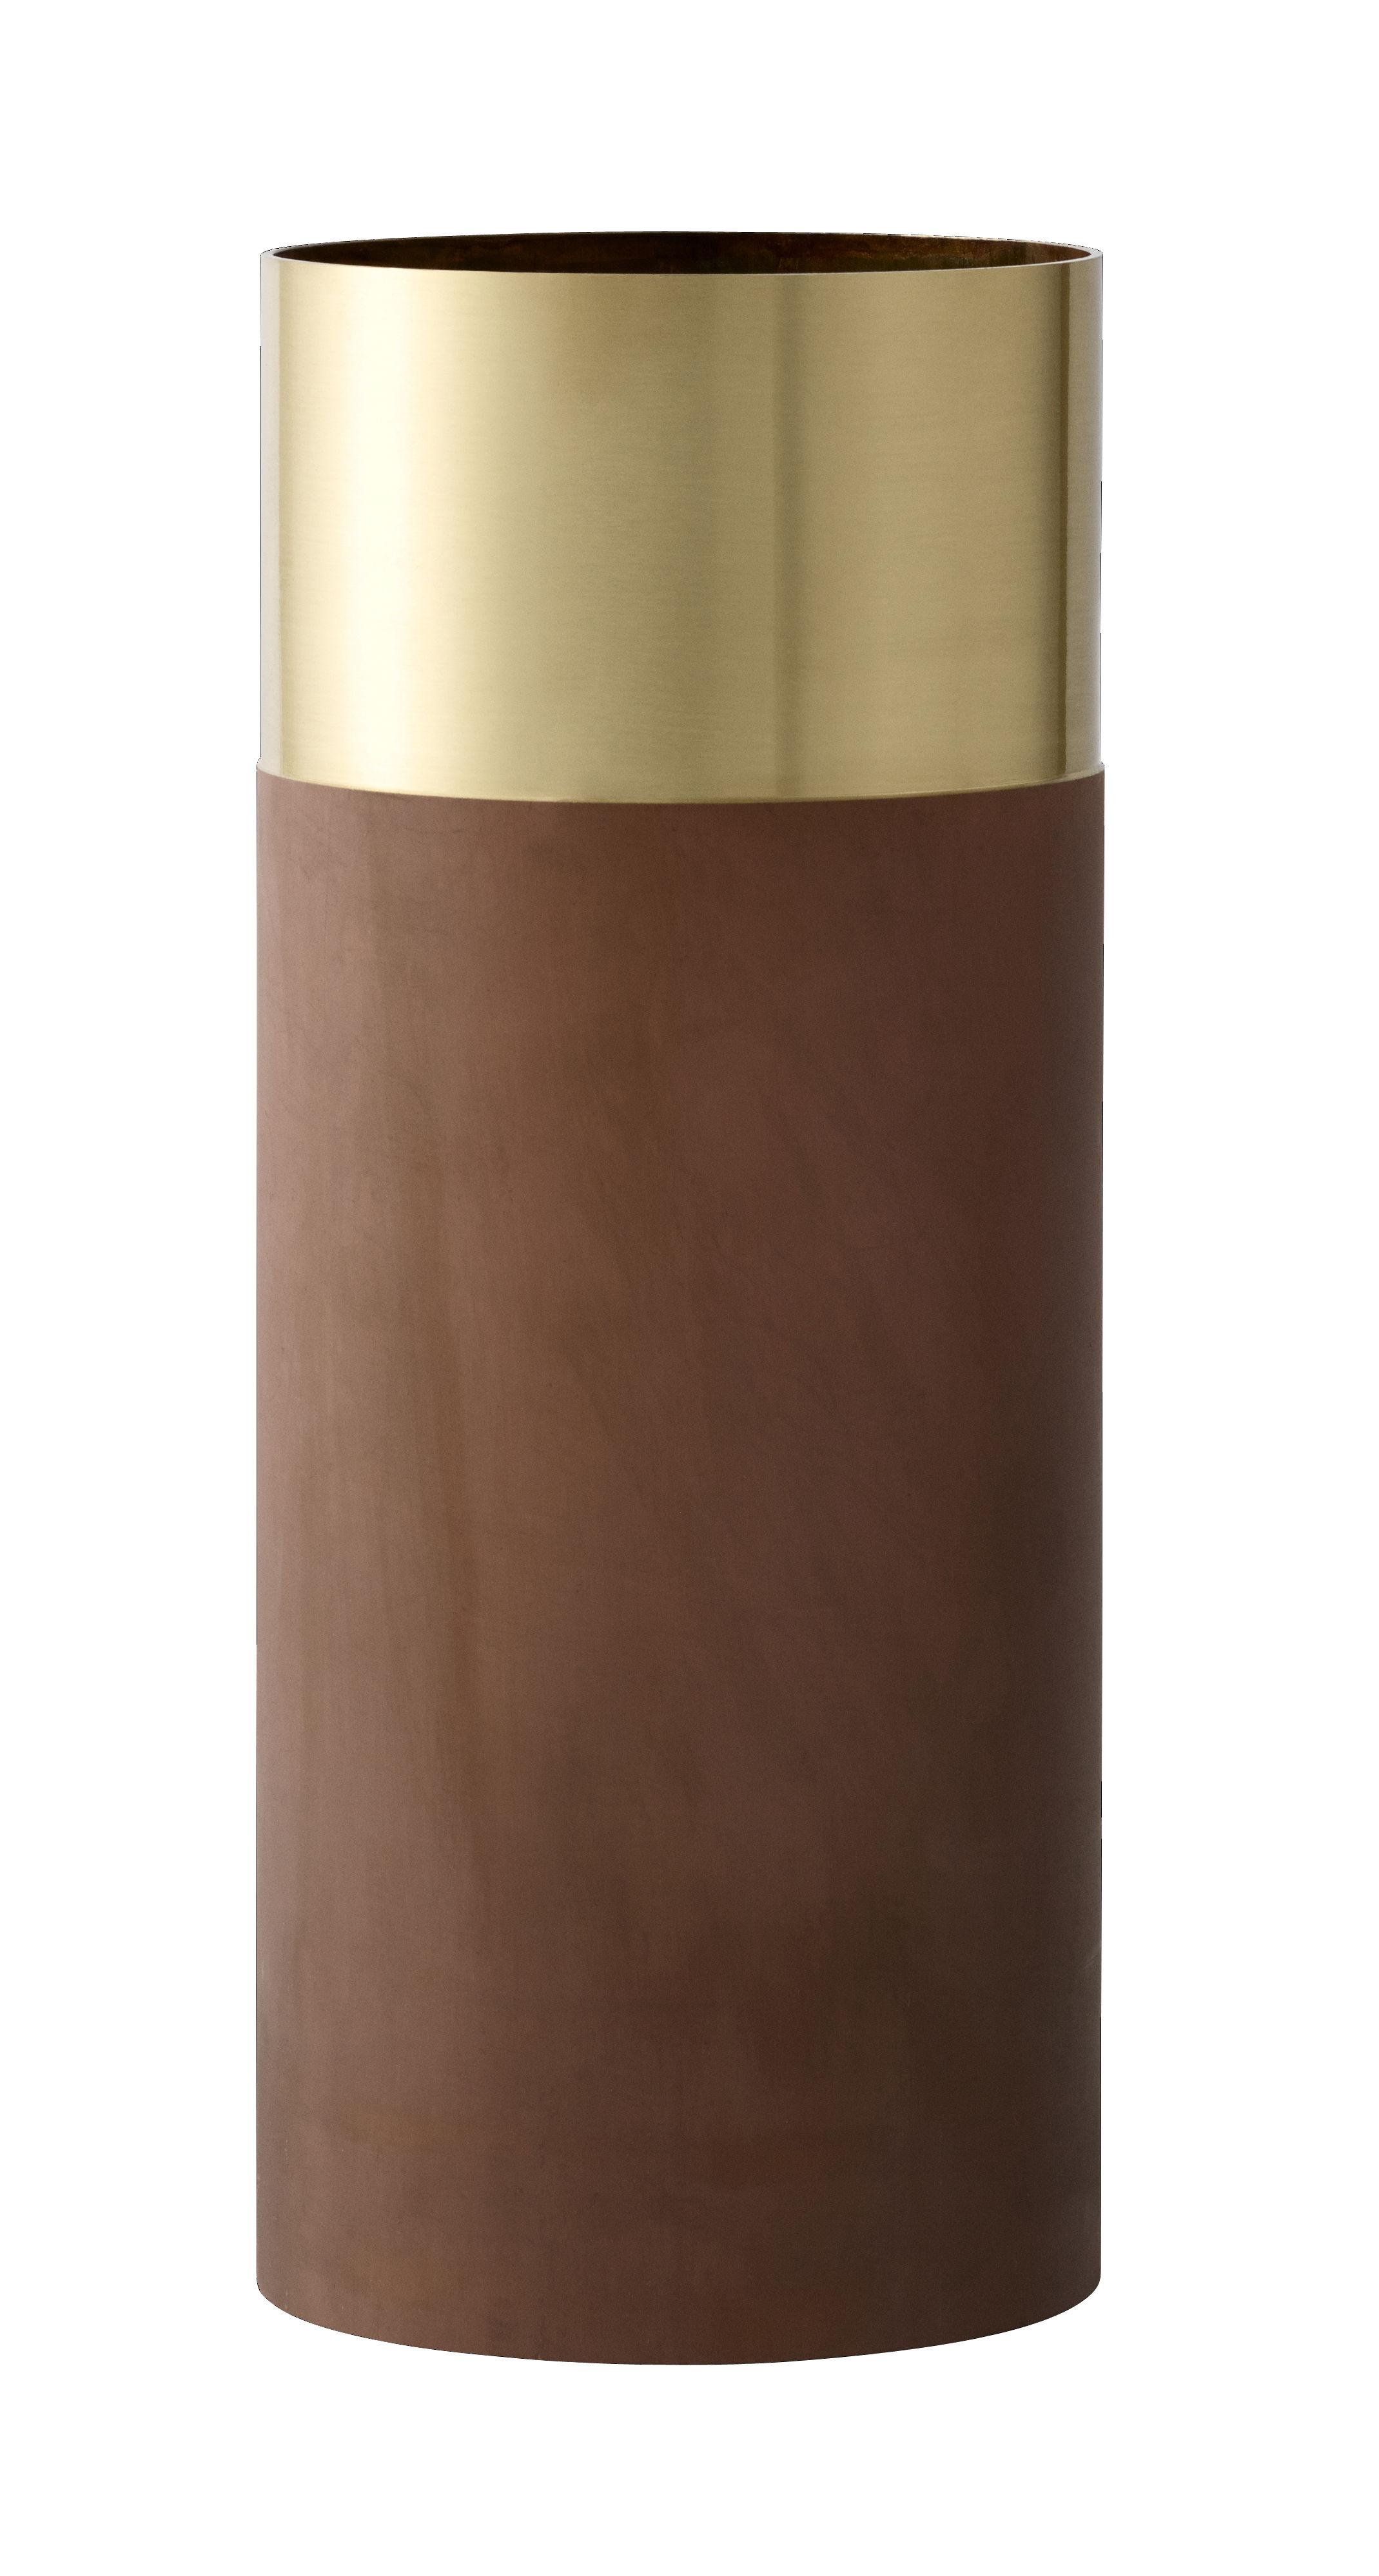 Déco - Vases - Vase True Colour LP2 / Laiton - Ø 10 x  H 24 cm - &tradition - Laiton & terracotta - Laiton